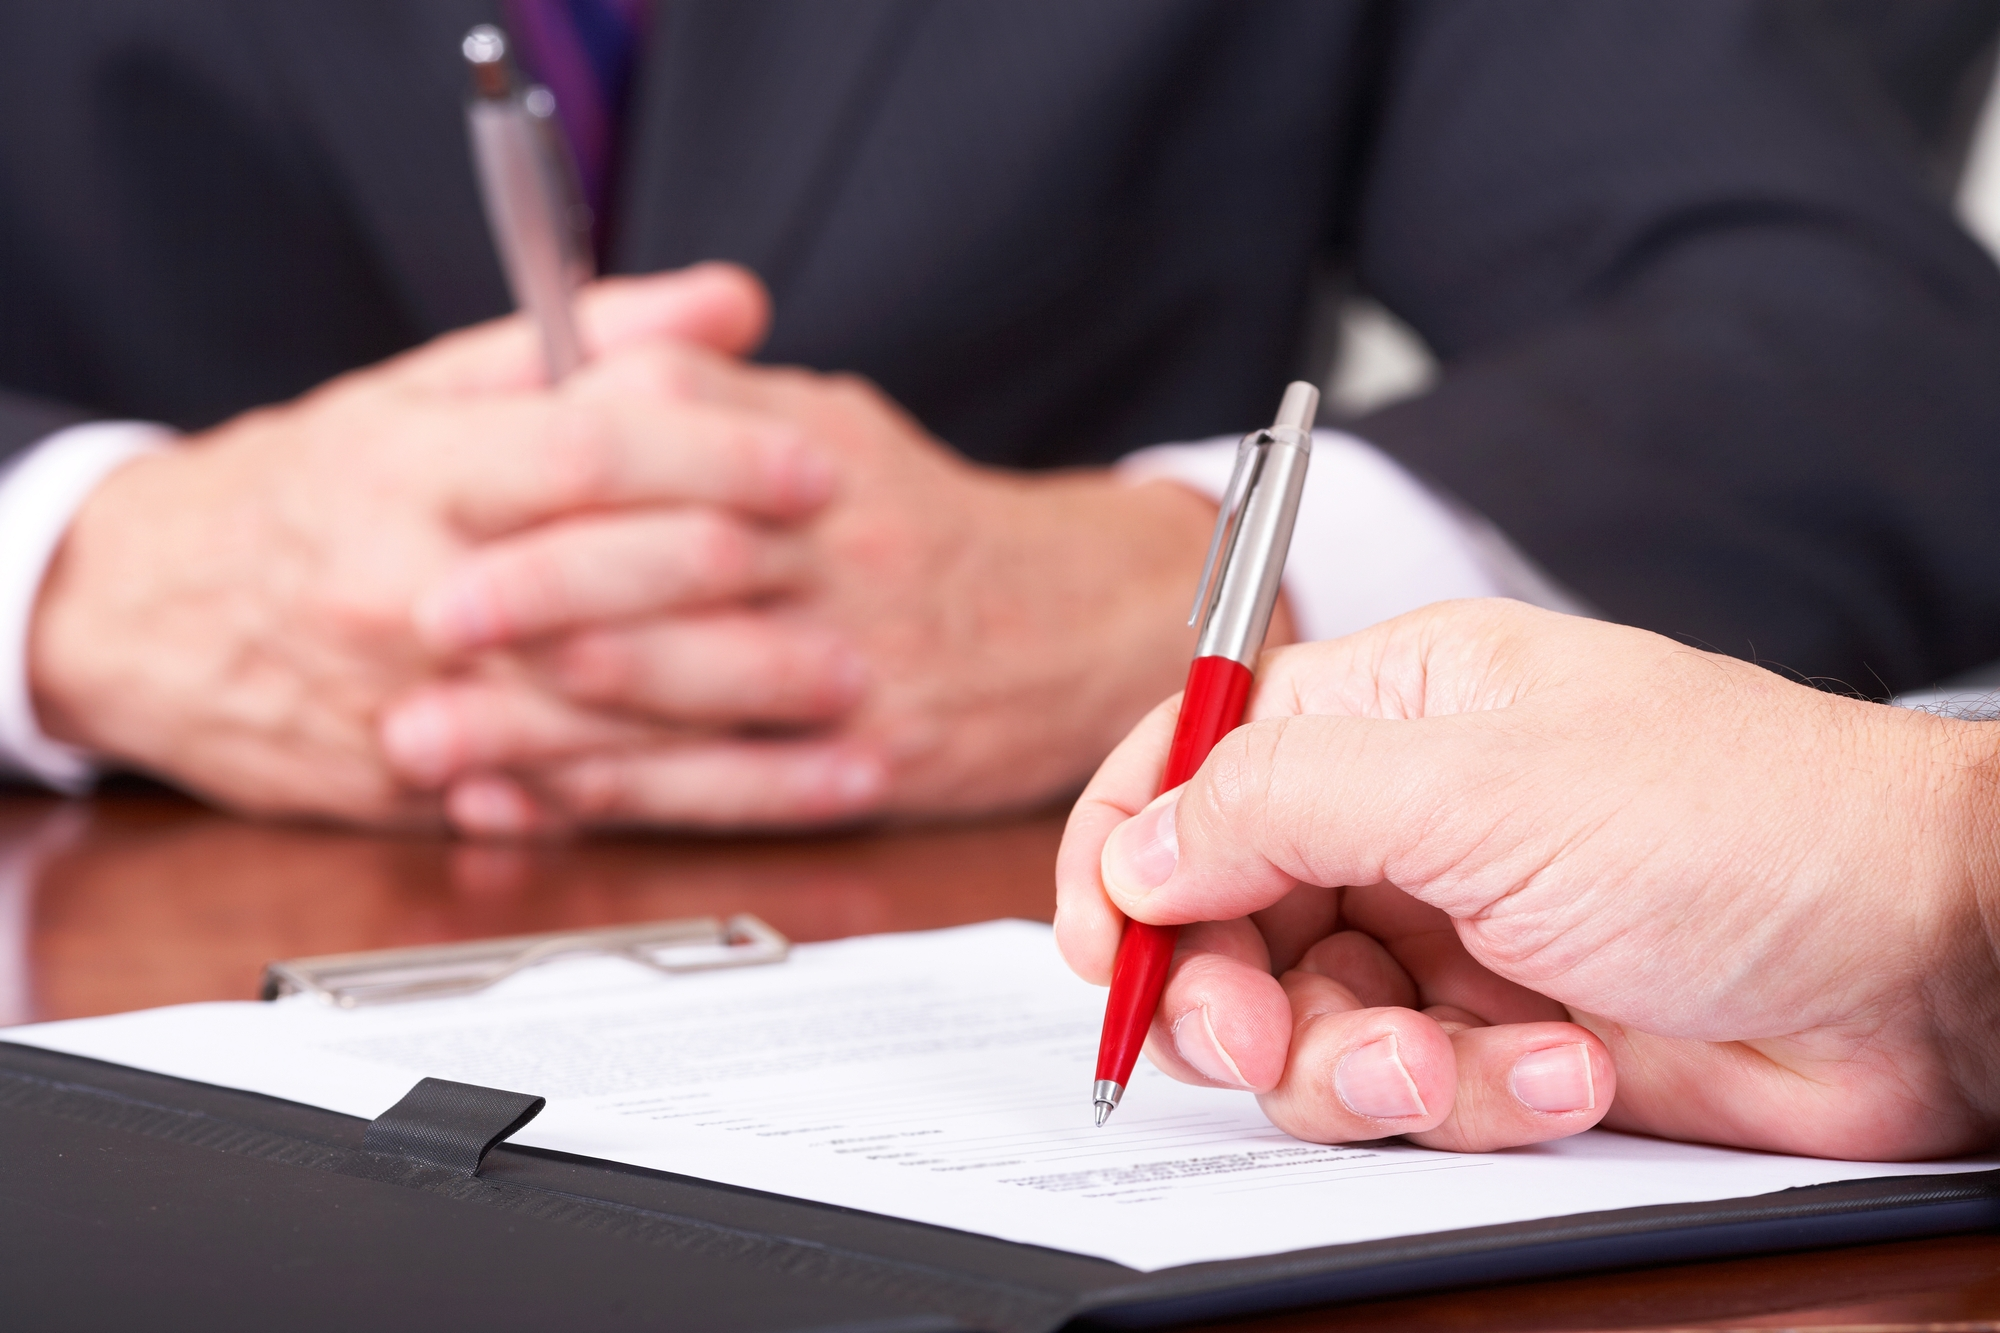 Firmato l'accordo tra Banca Popolare di Vicenza e Warrant Group, un'opportunità di rilancio per le imprese del territorio